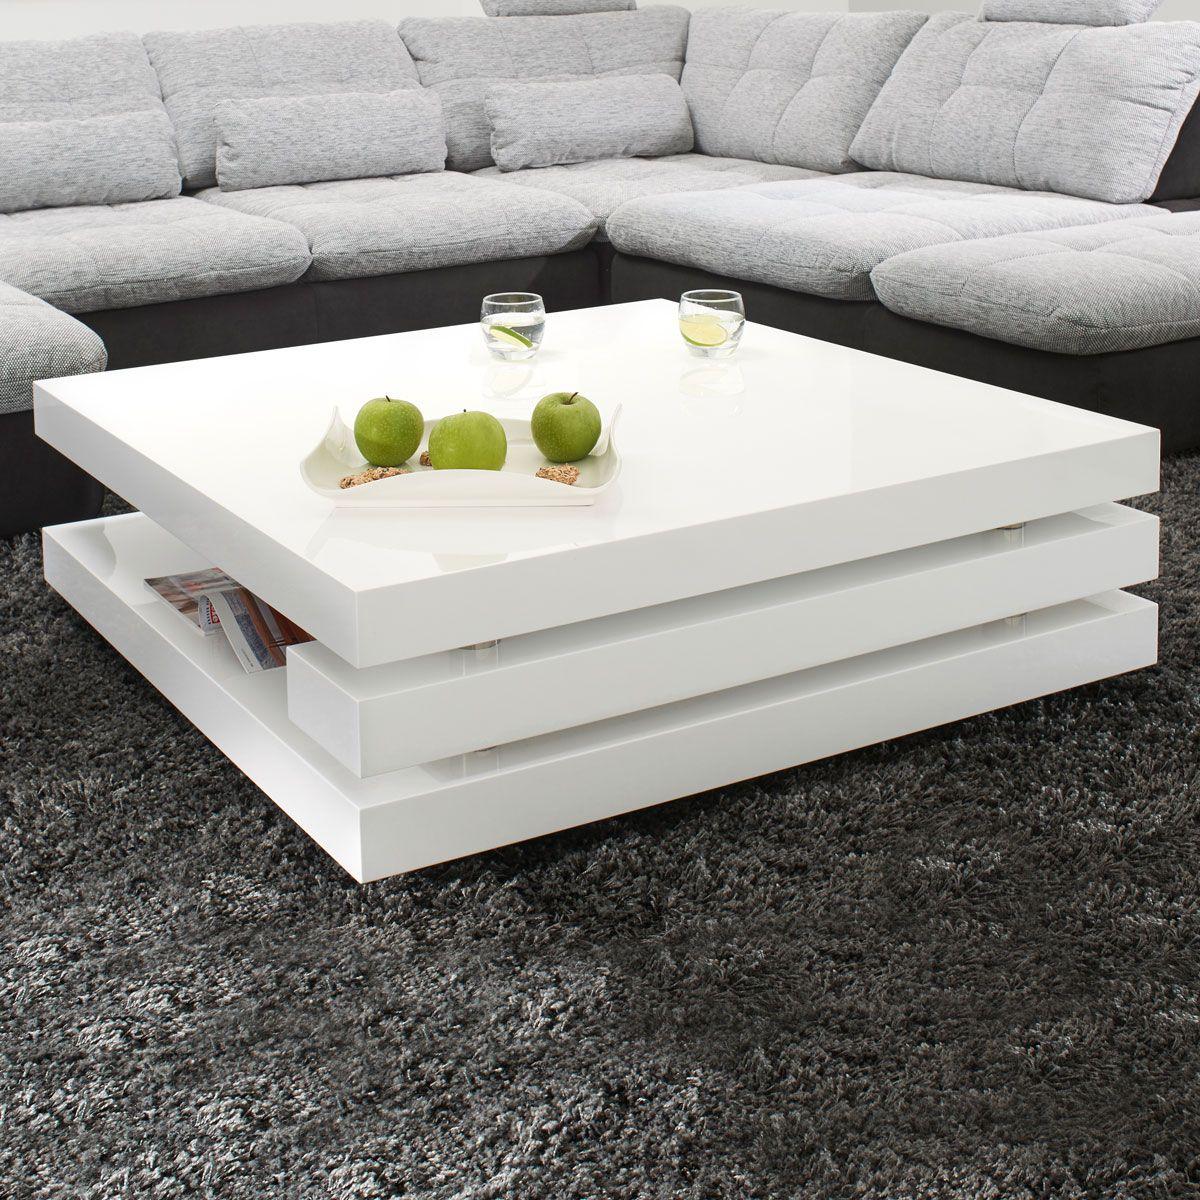 couchtisch piazza hochglanz lack wei besticht durch sein. Black Bedroom Furniture Sets. Home Design Ideas